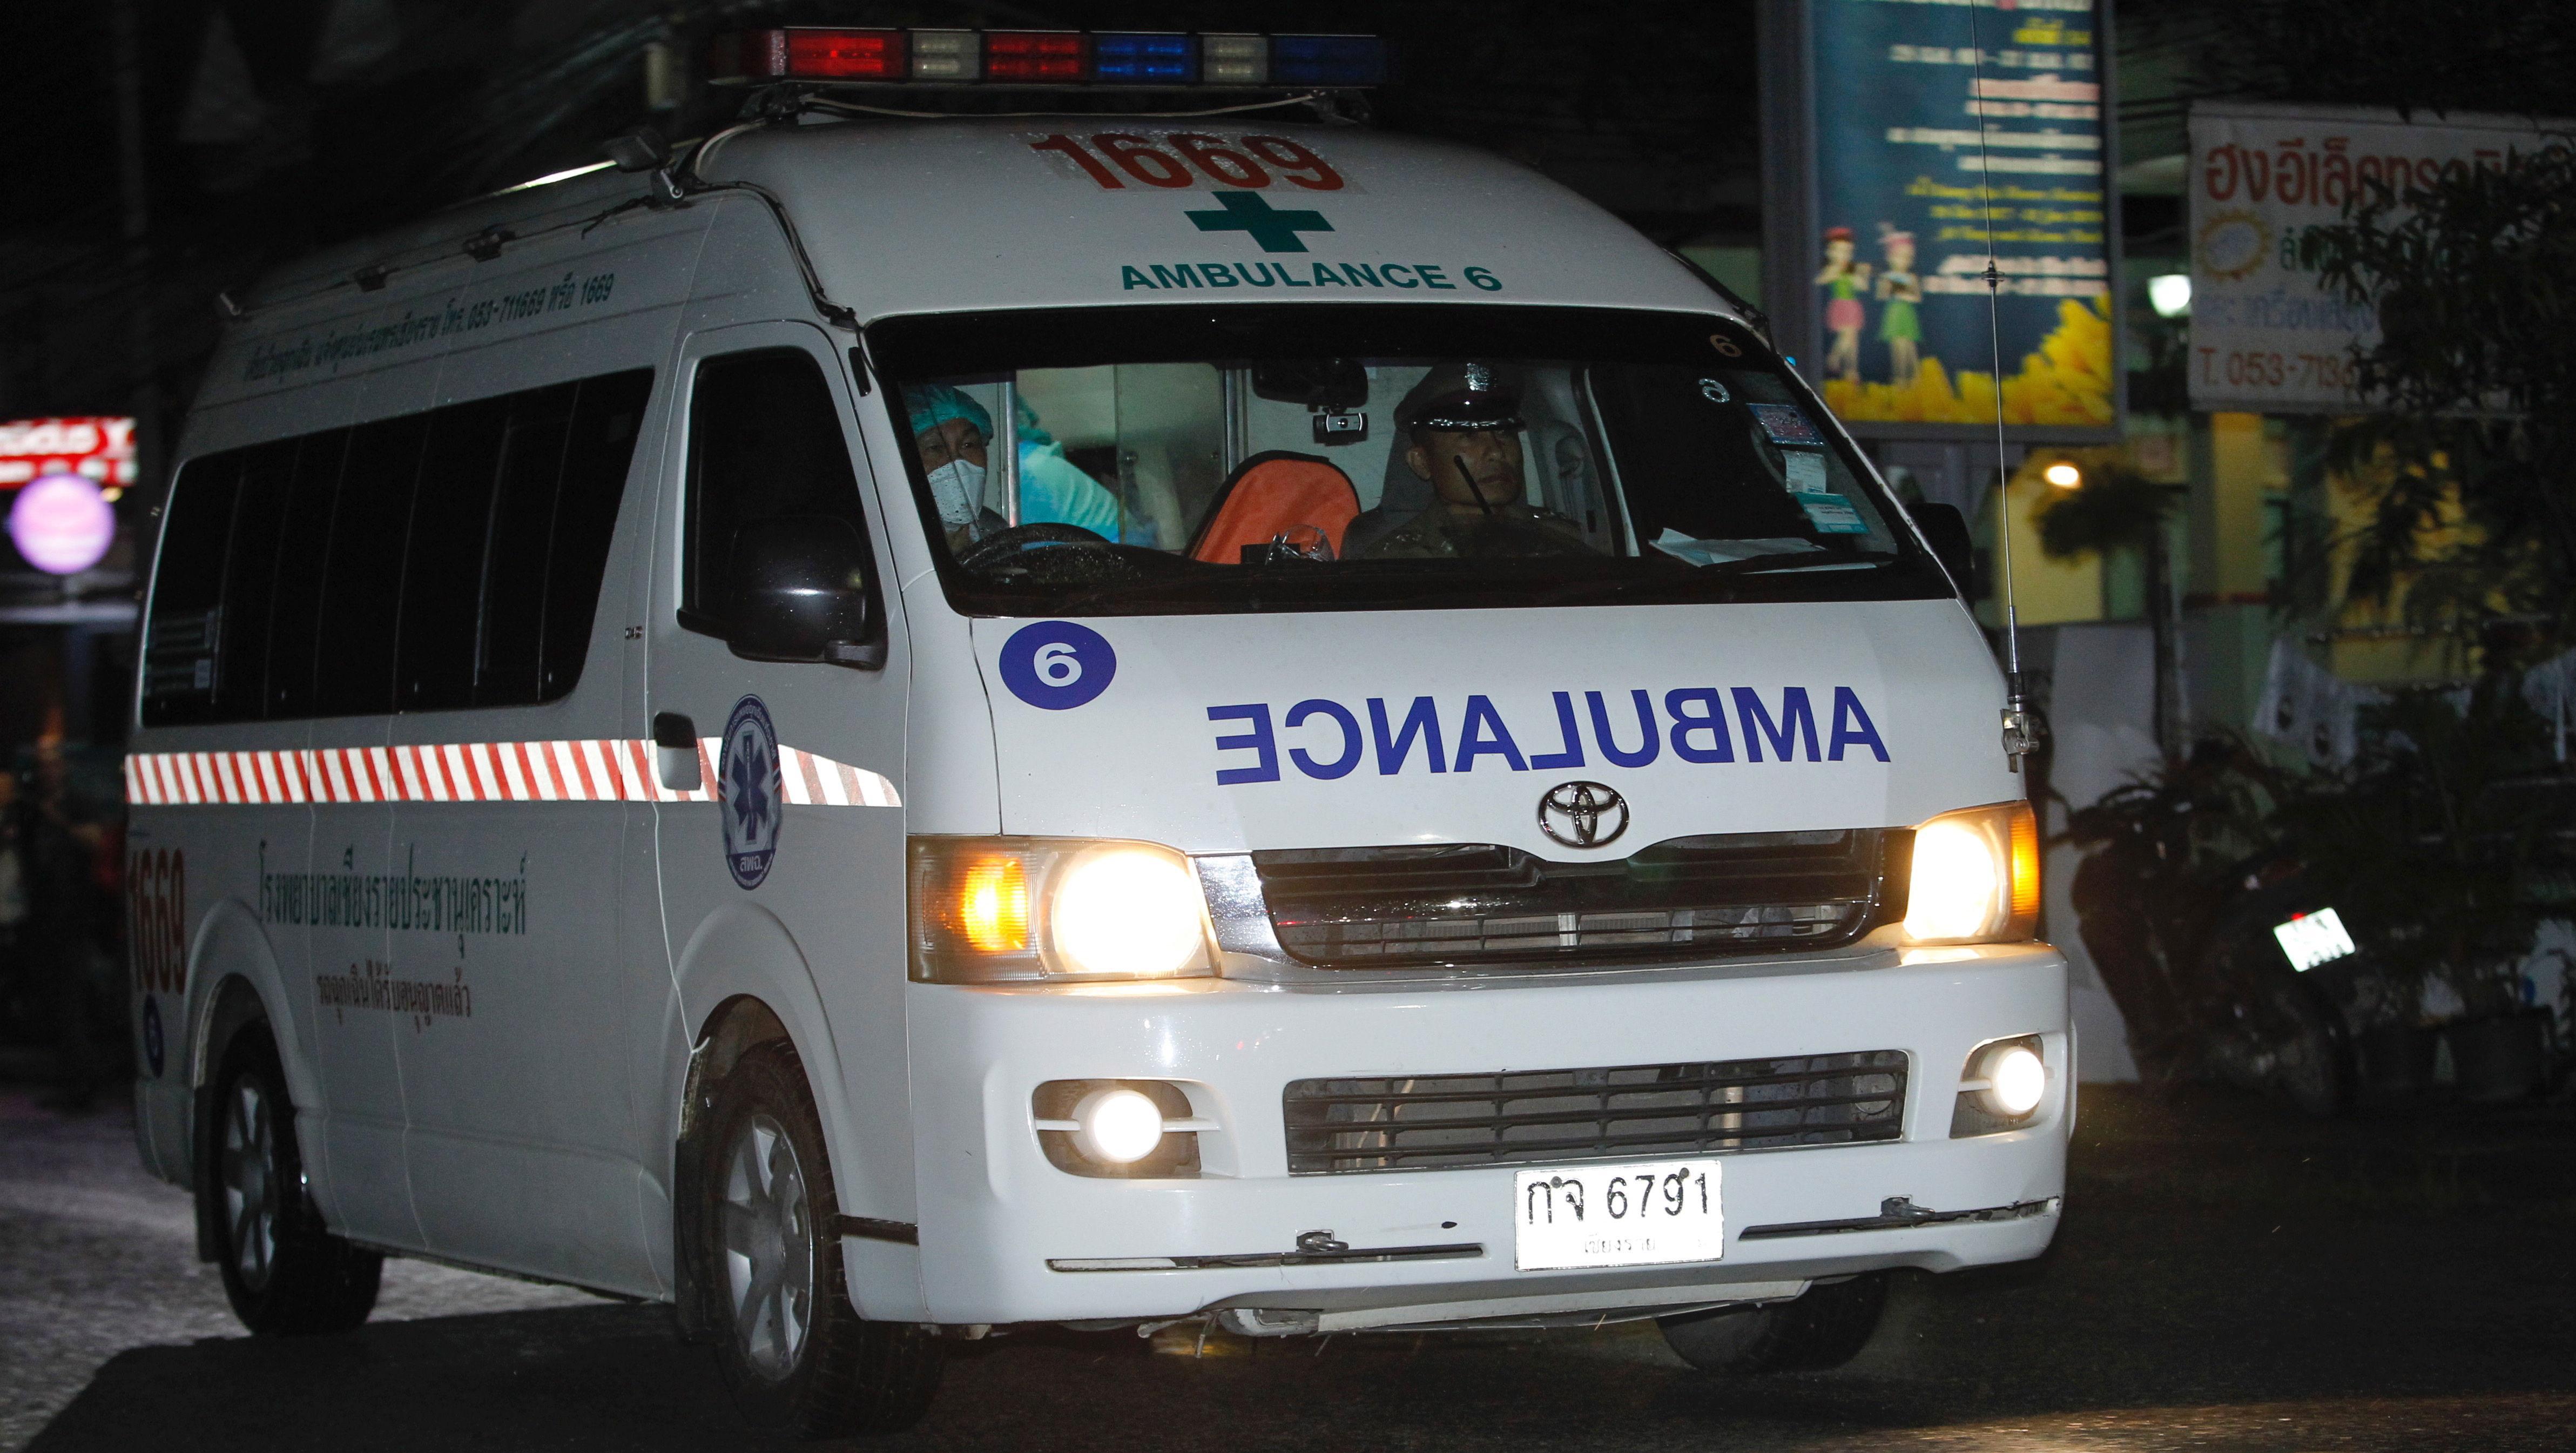 Una ambulancia también abandonó el lugar con las luces de emergencia encendidas.